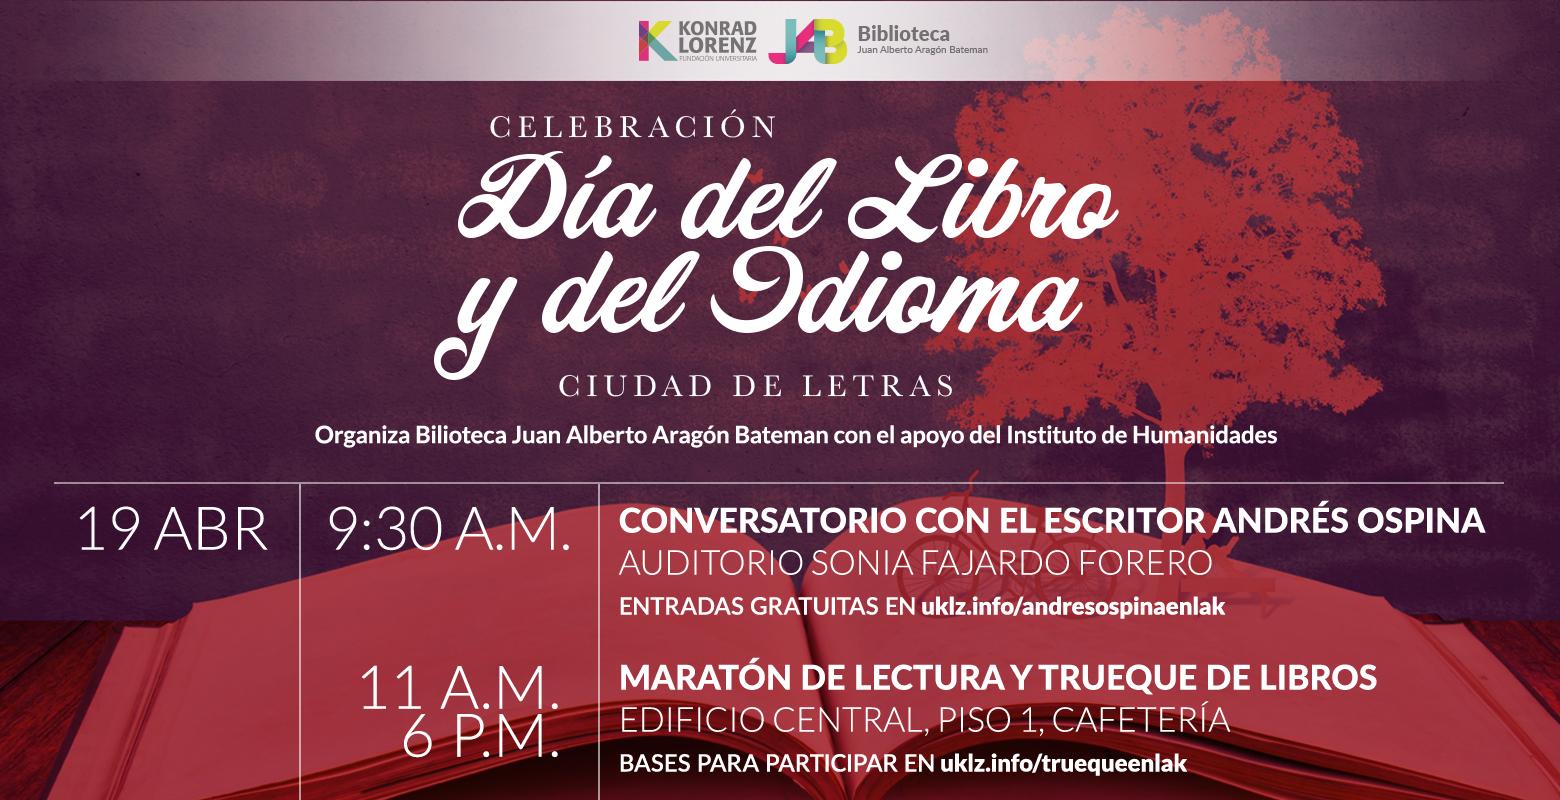 Celebración Día del Libro y del Idioma